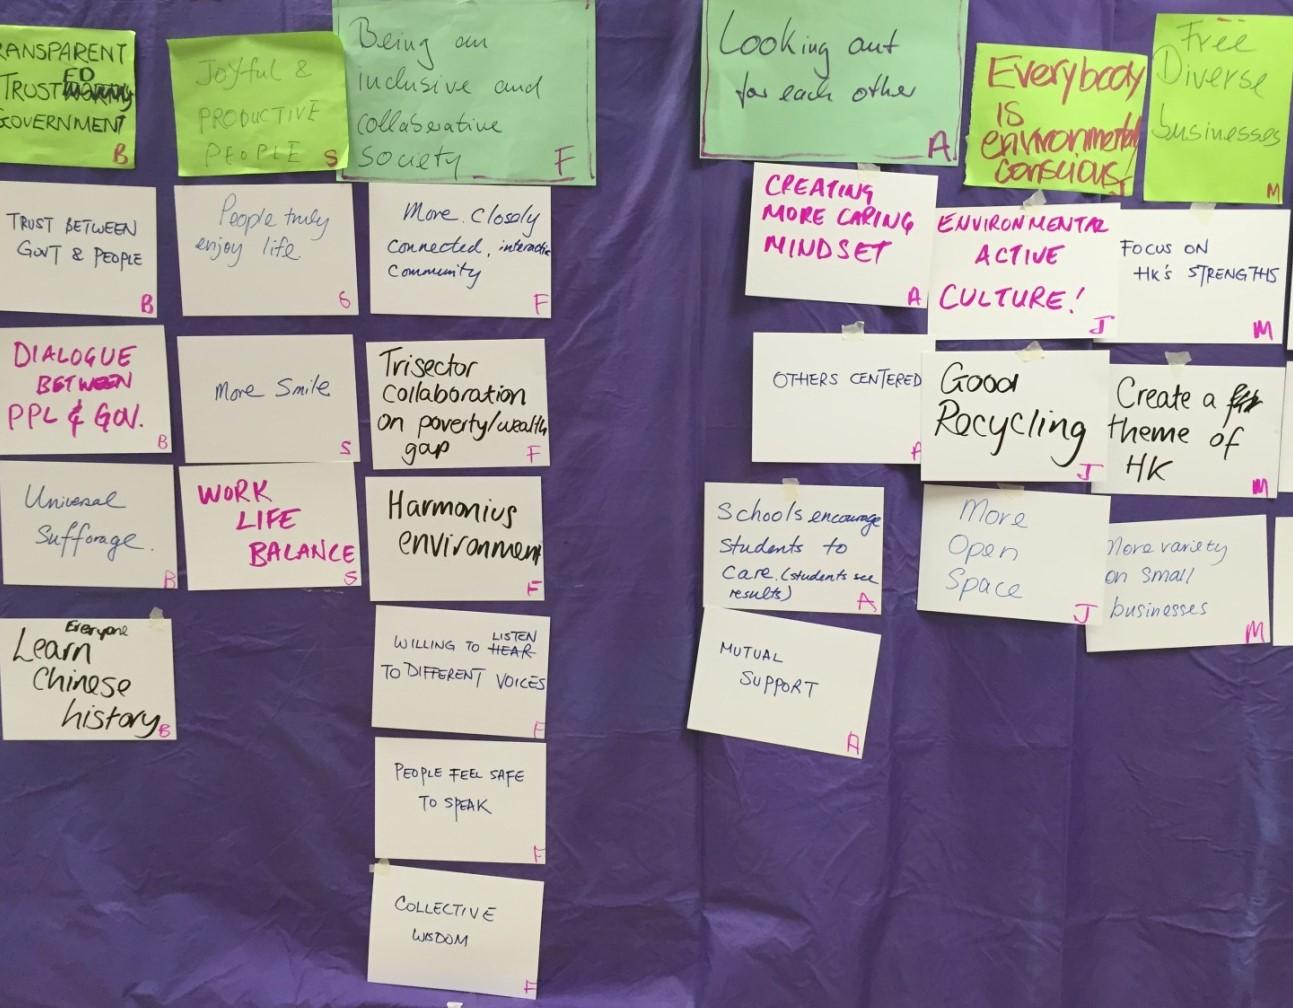 consensus building training